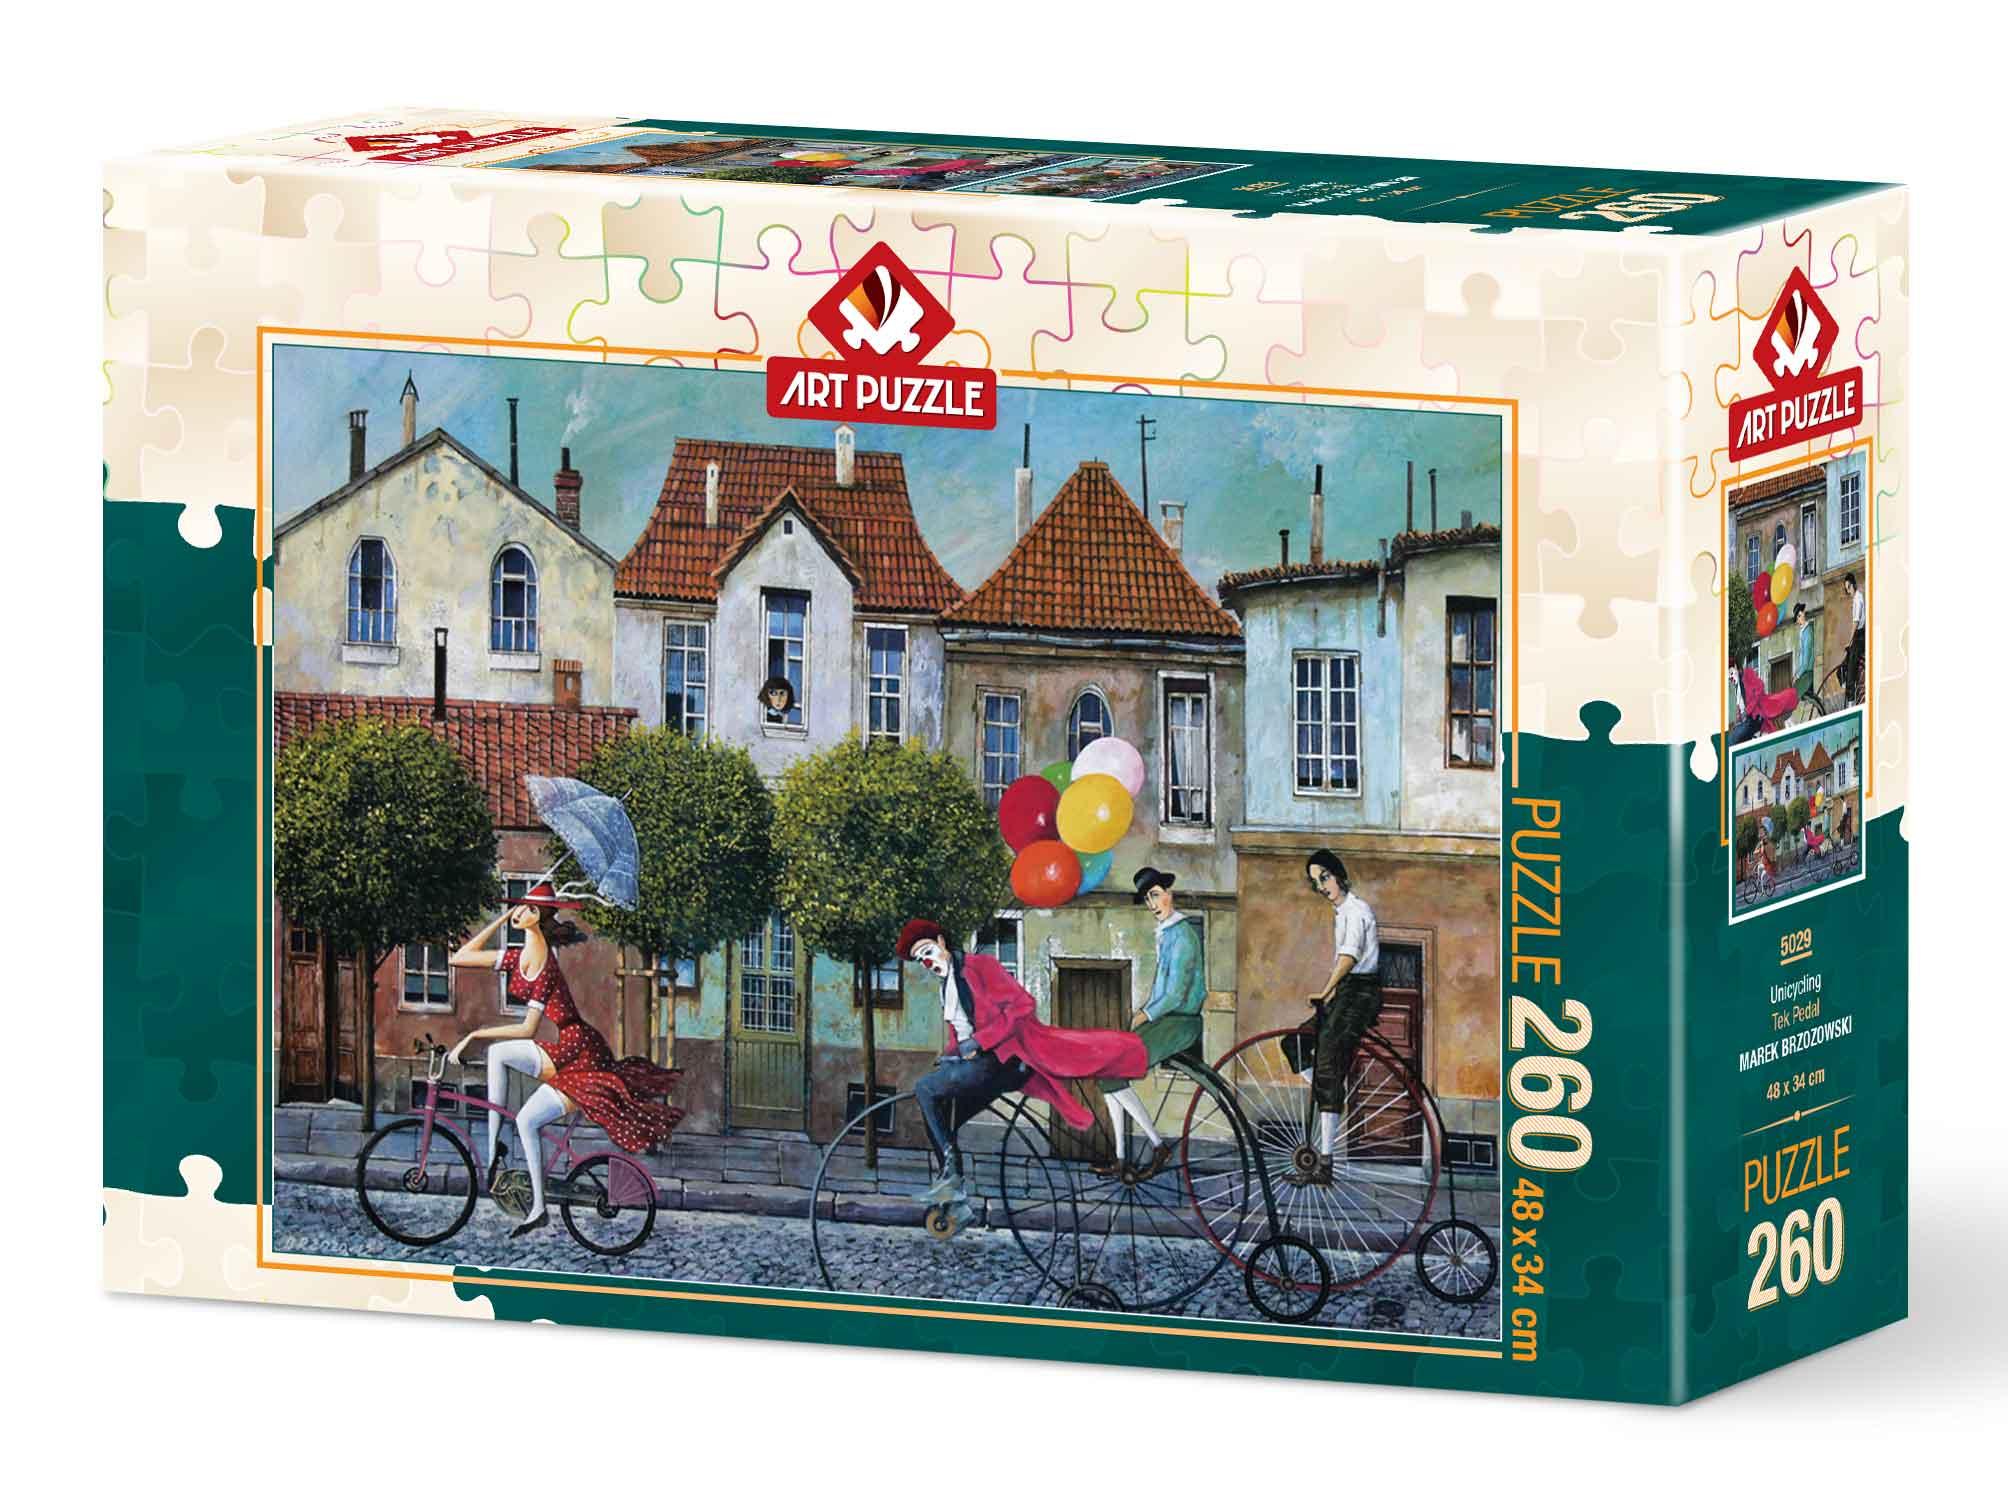 Puzzle Art Puzzle Los Monociclos de 260 Piezas